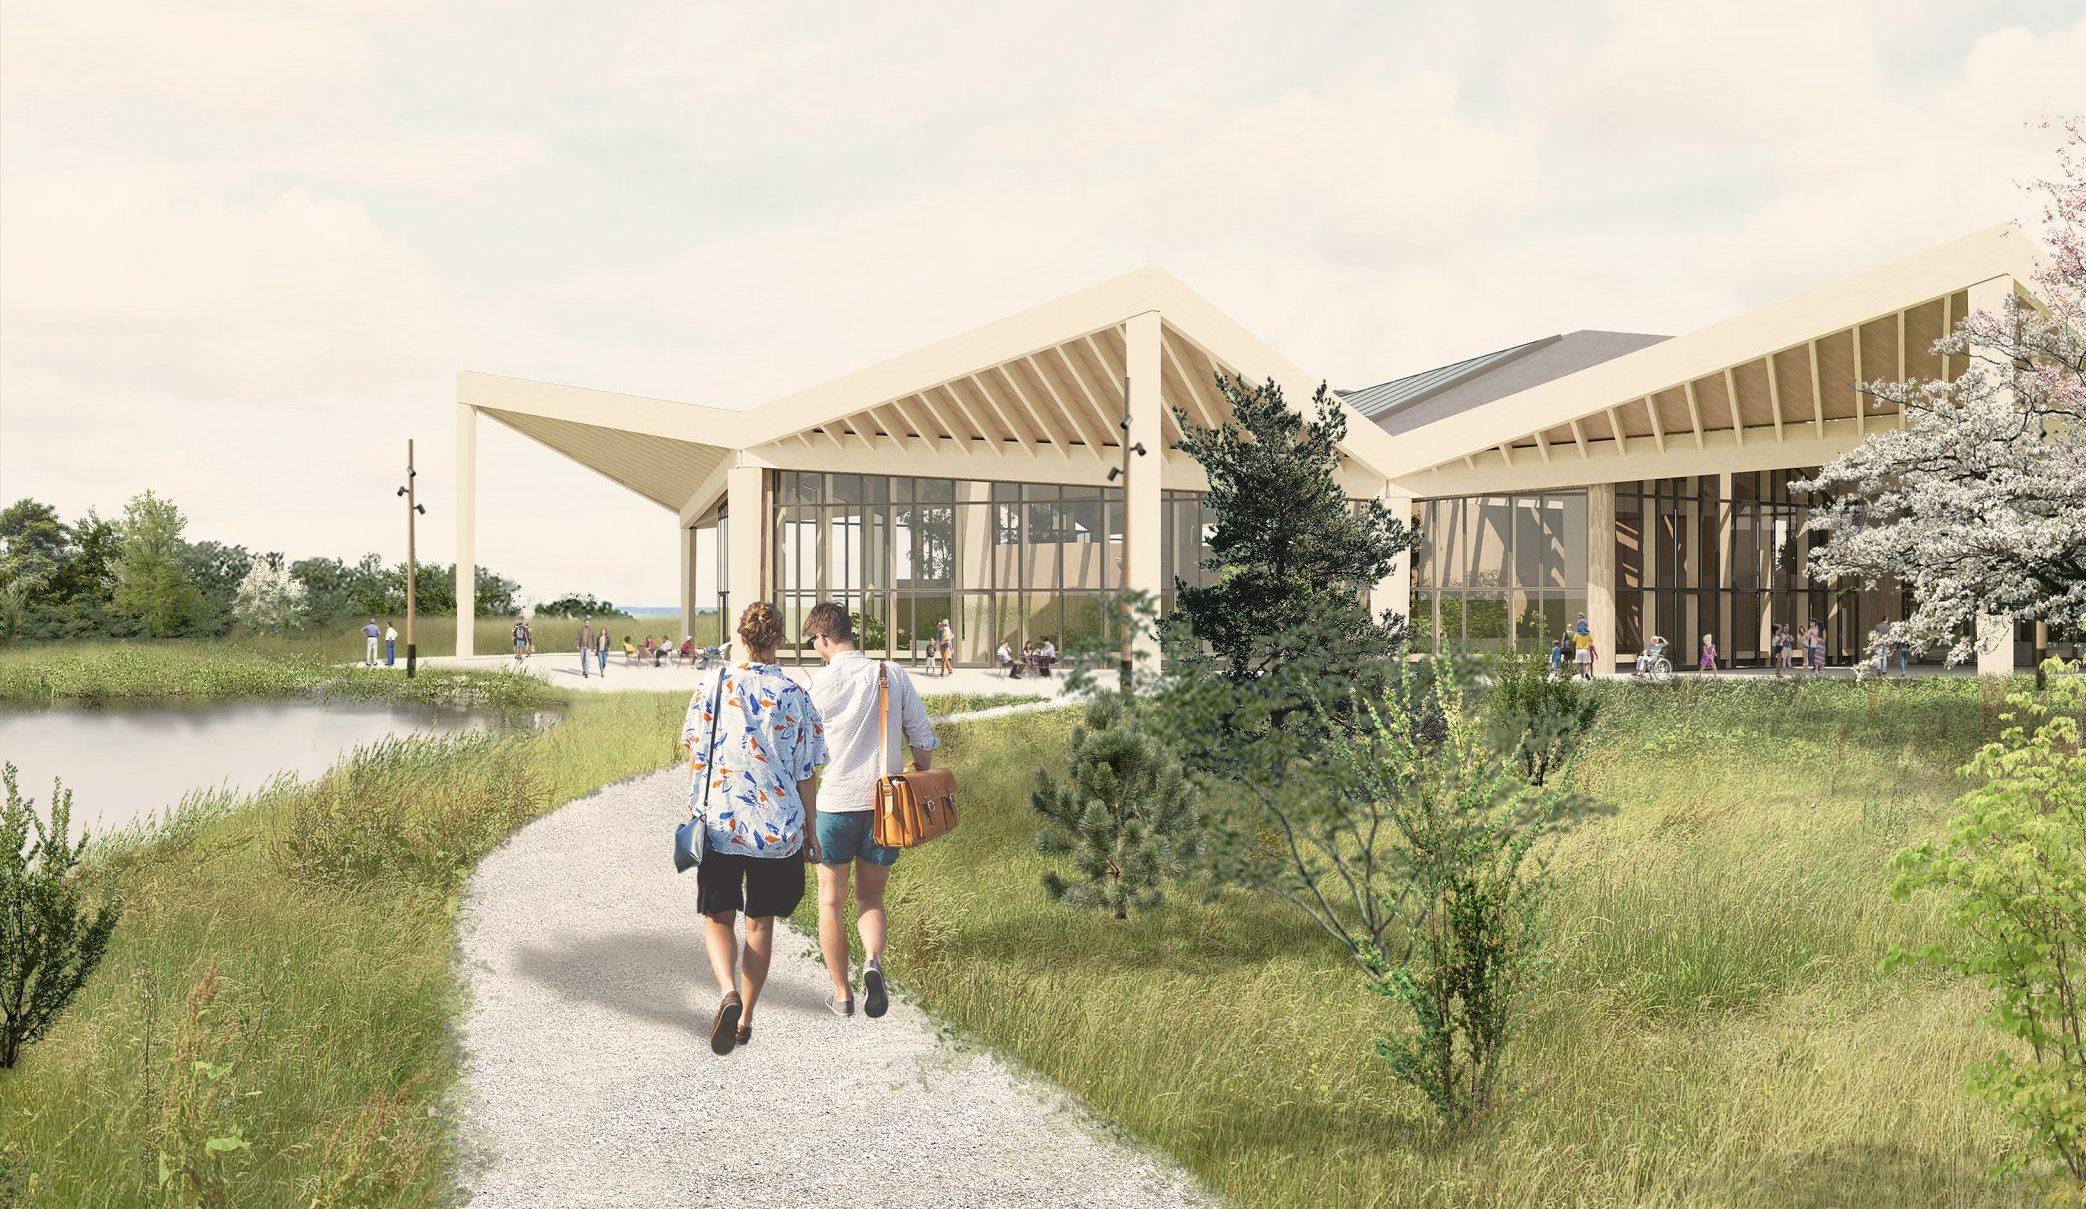 Det bæredygtige familieresort Nordborg Resort på Als forventes at åbne som helårlig turistattraktion i 2024.Resortet skal drives af store Center Parcs, som dermed får sin på sin skandinaviske debut. Illustration: Nordborg Resort.